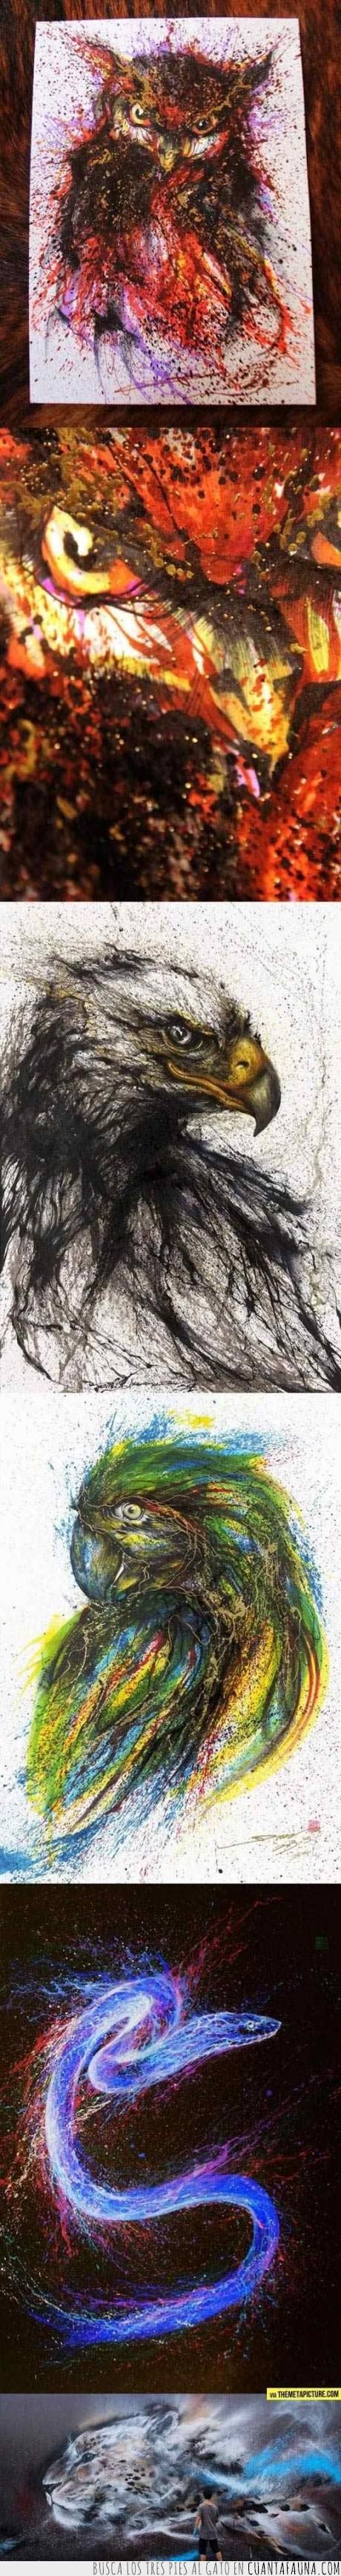 abstracto,Águila,arte,aves,Buho,estilo,leopardo,Loro,pintura,serpiente.